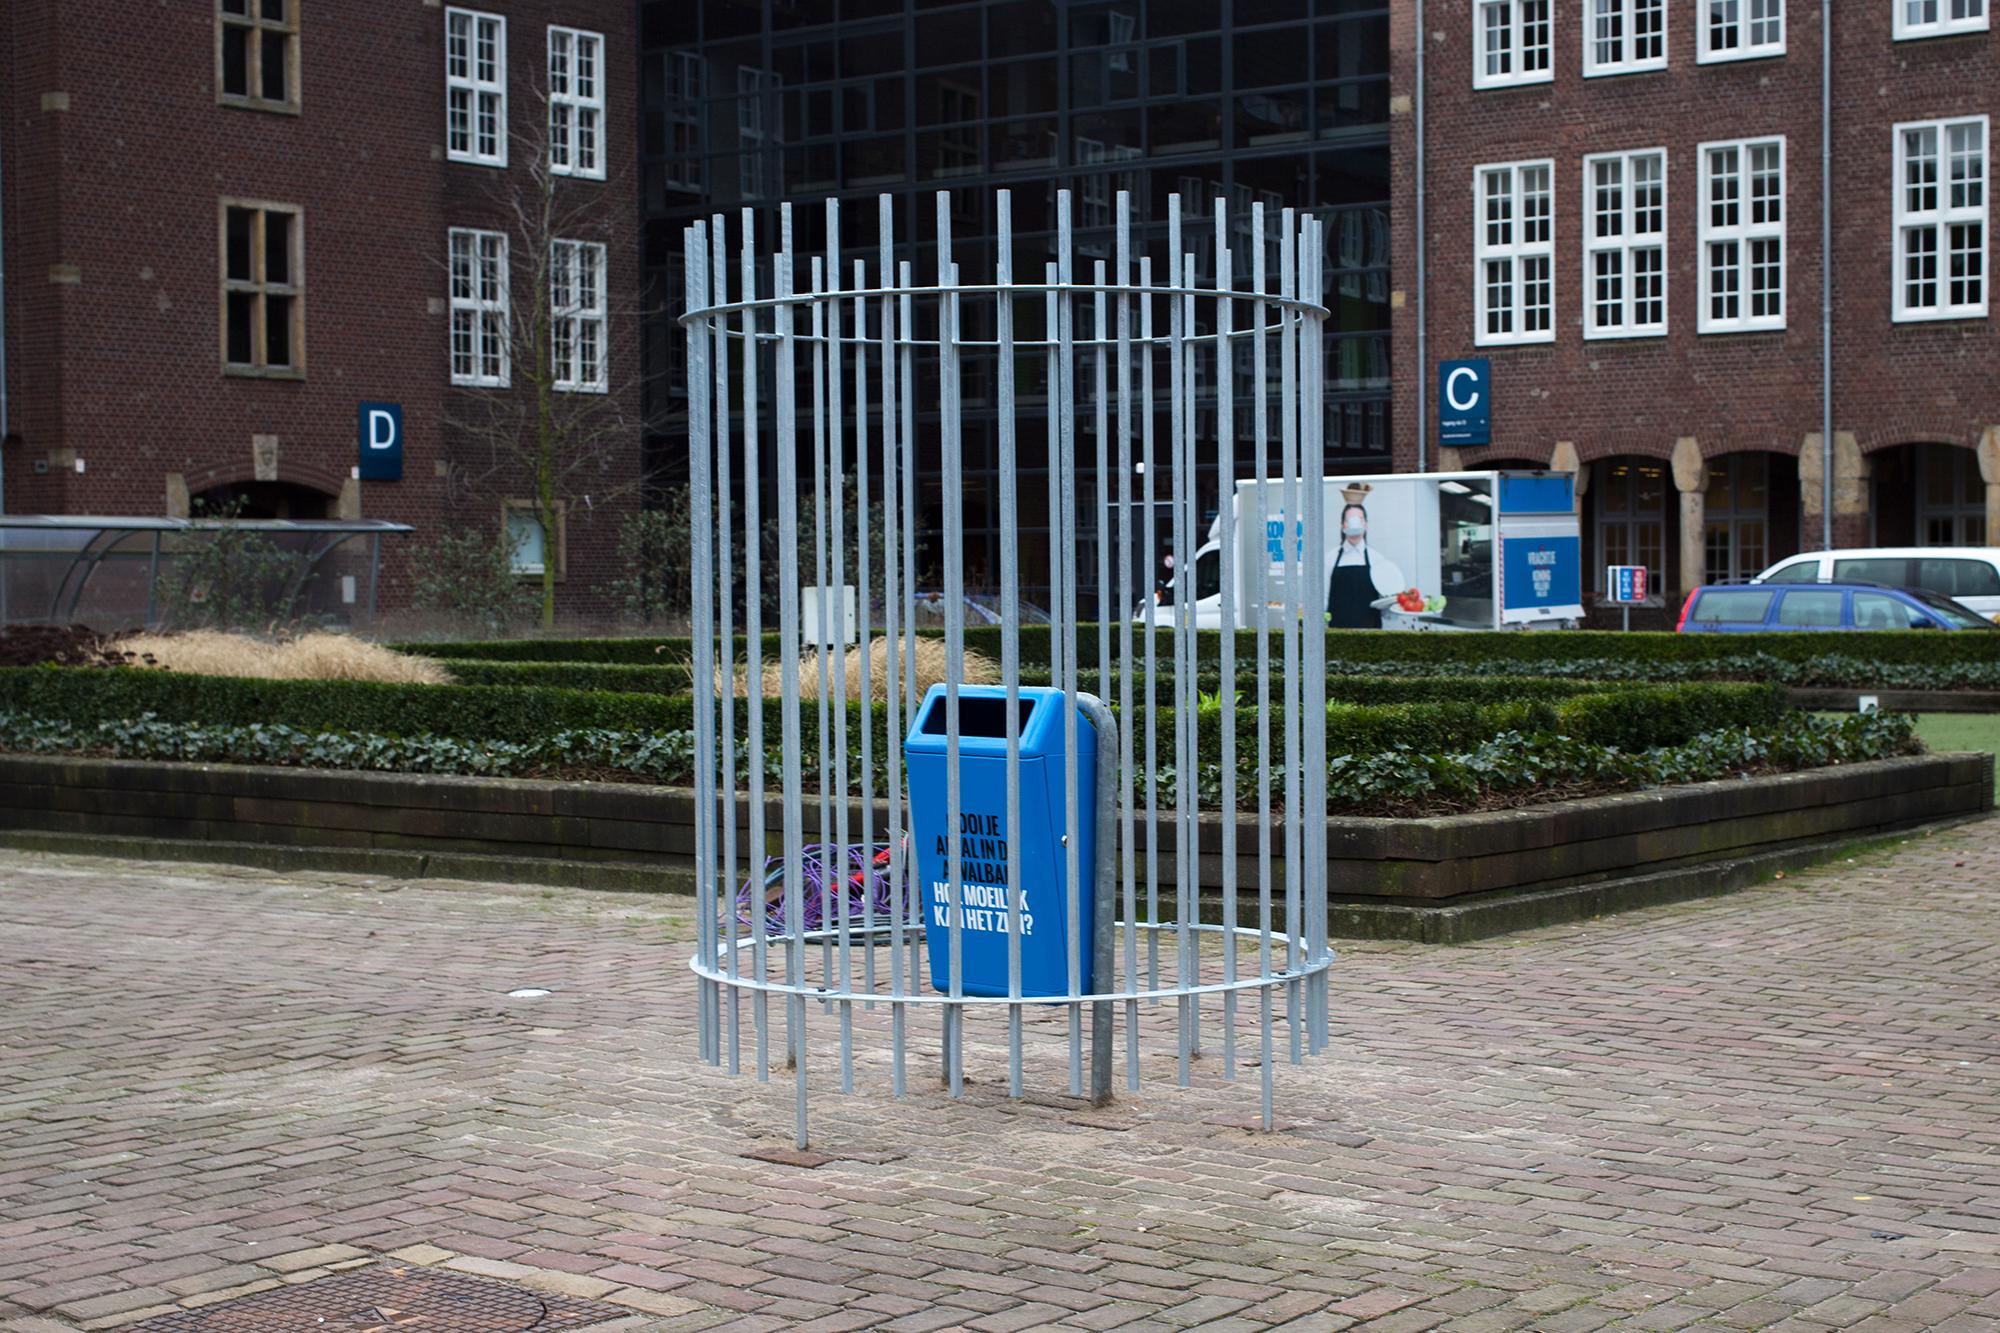 01-5 Bin + Cage - KesselsKramer.jpg